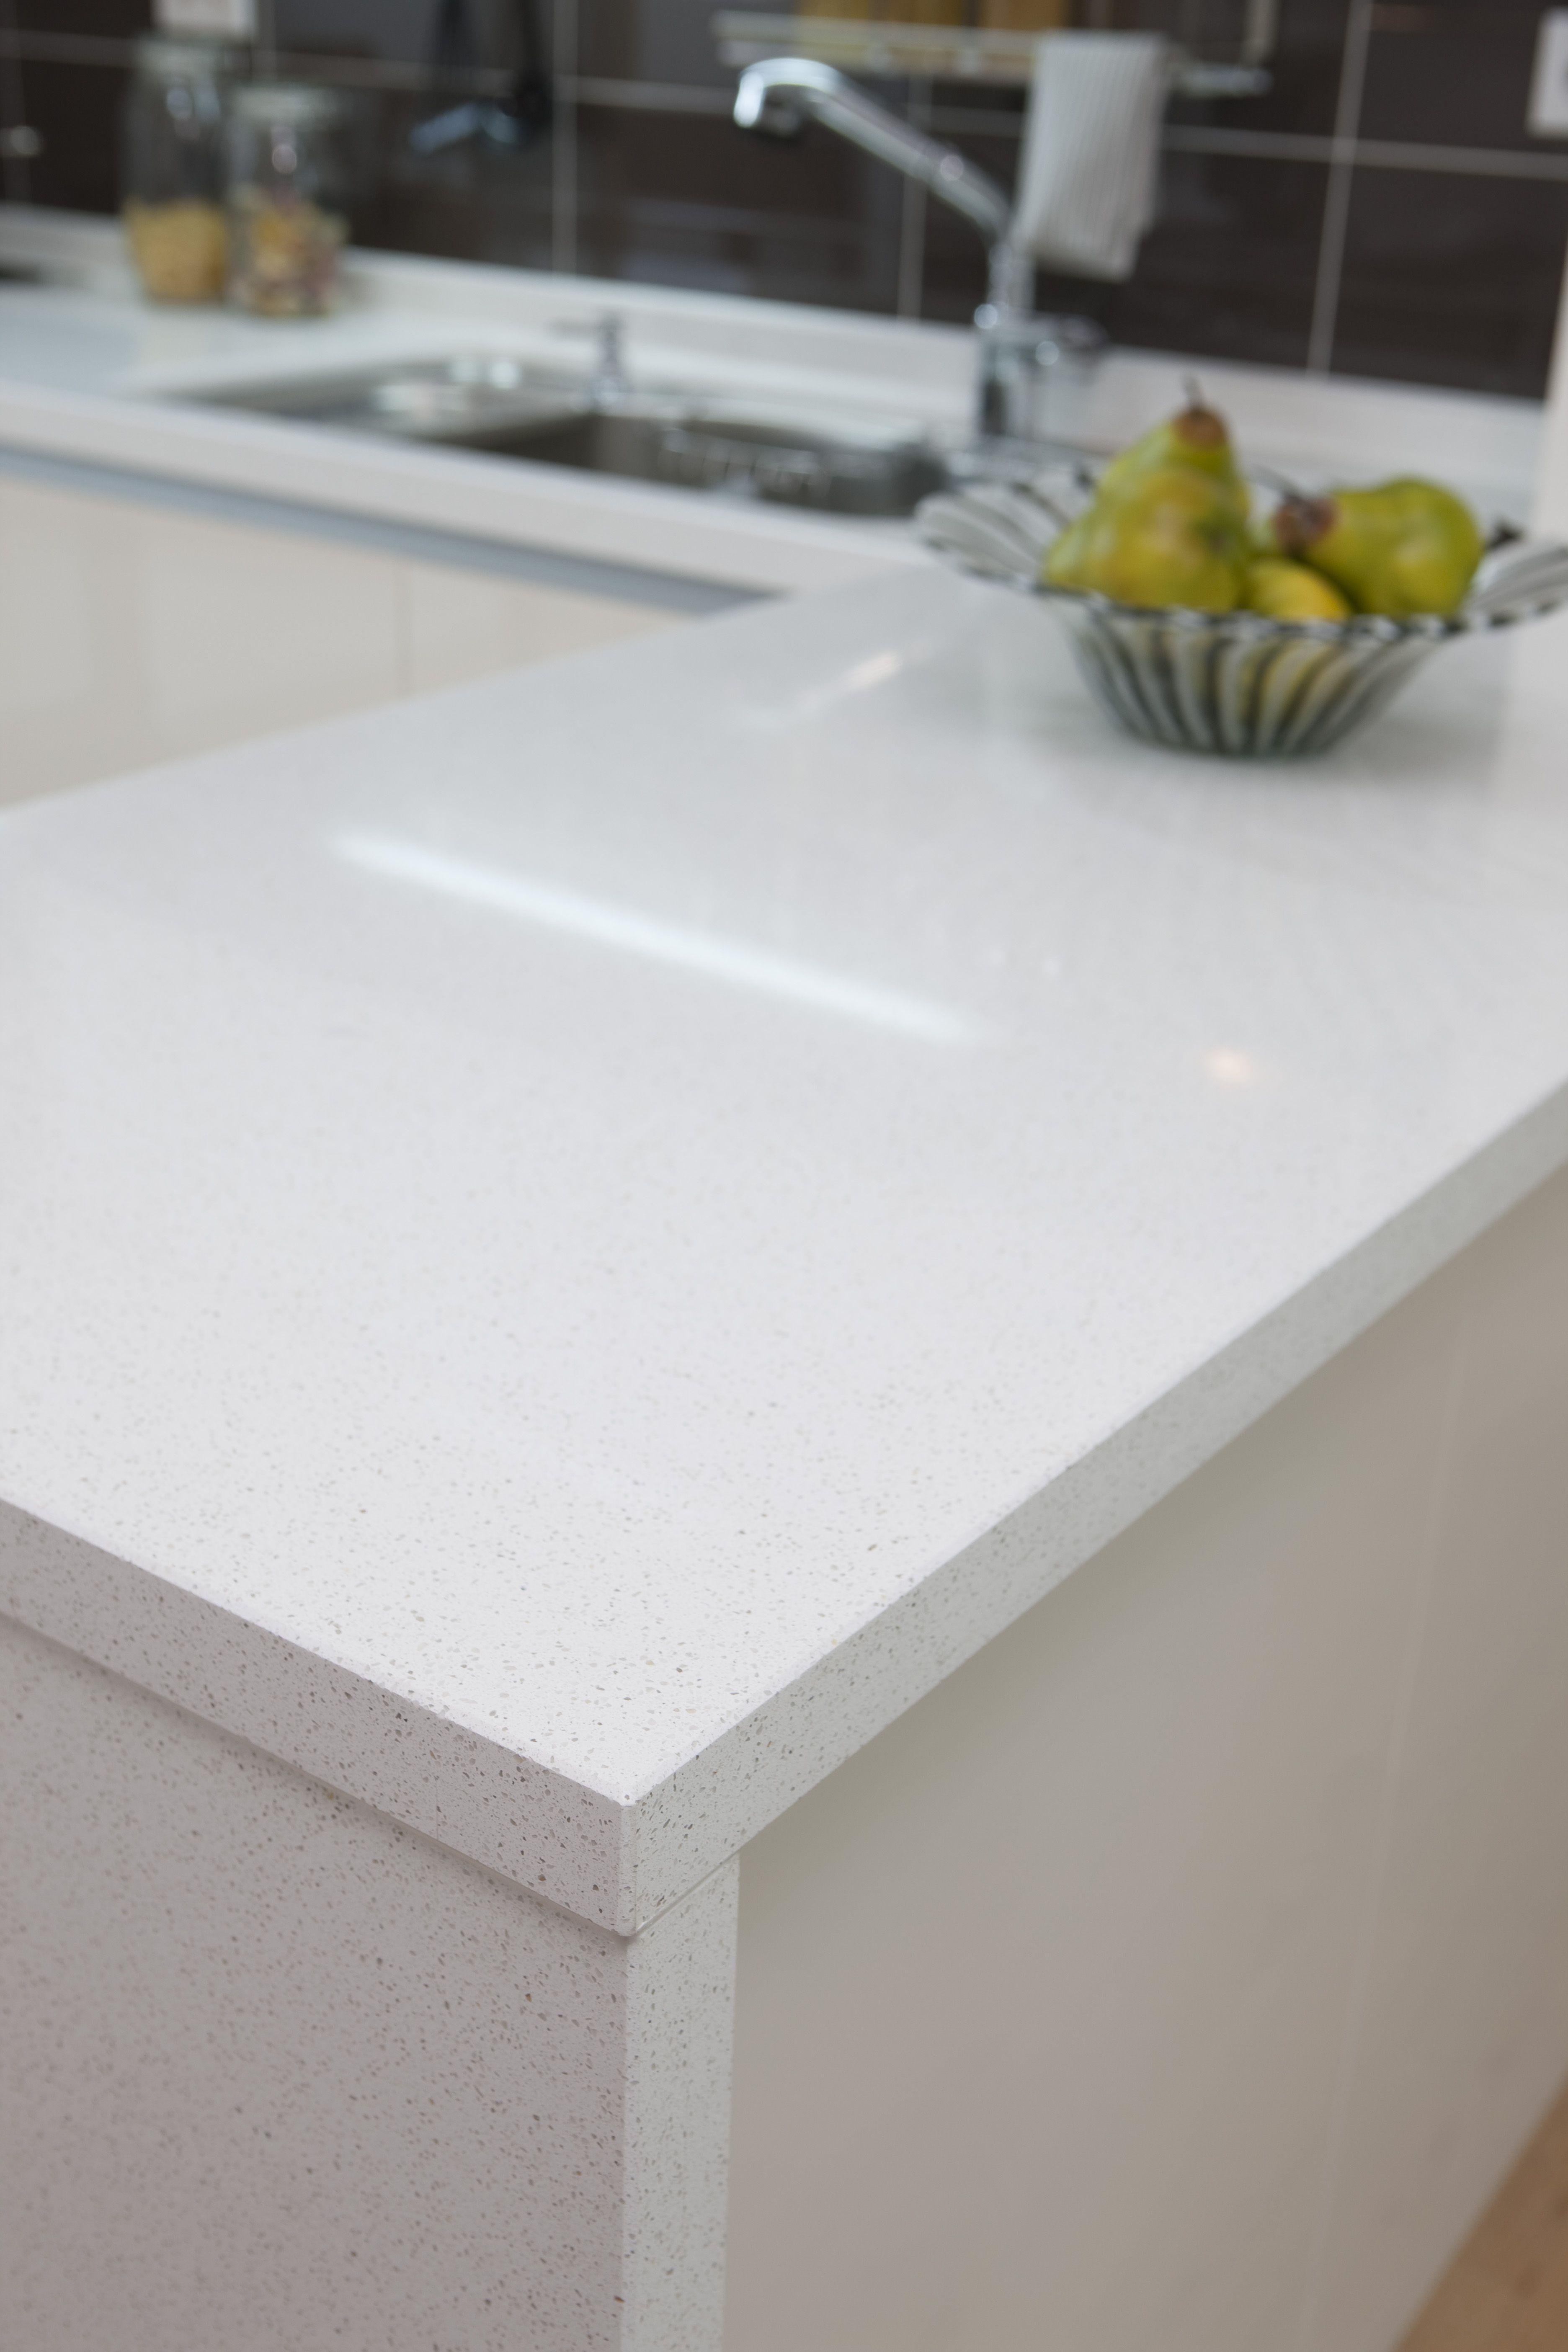 White Quartz Kitchen Countertop Kitchen Remodel Inspiration Kitchen Makeover Kitchen Inspirations